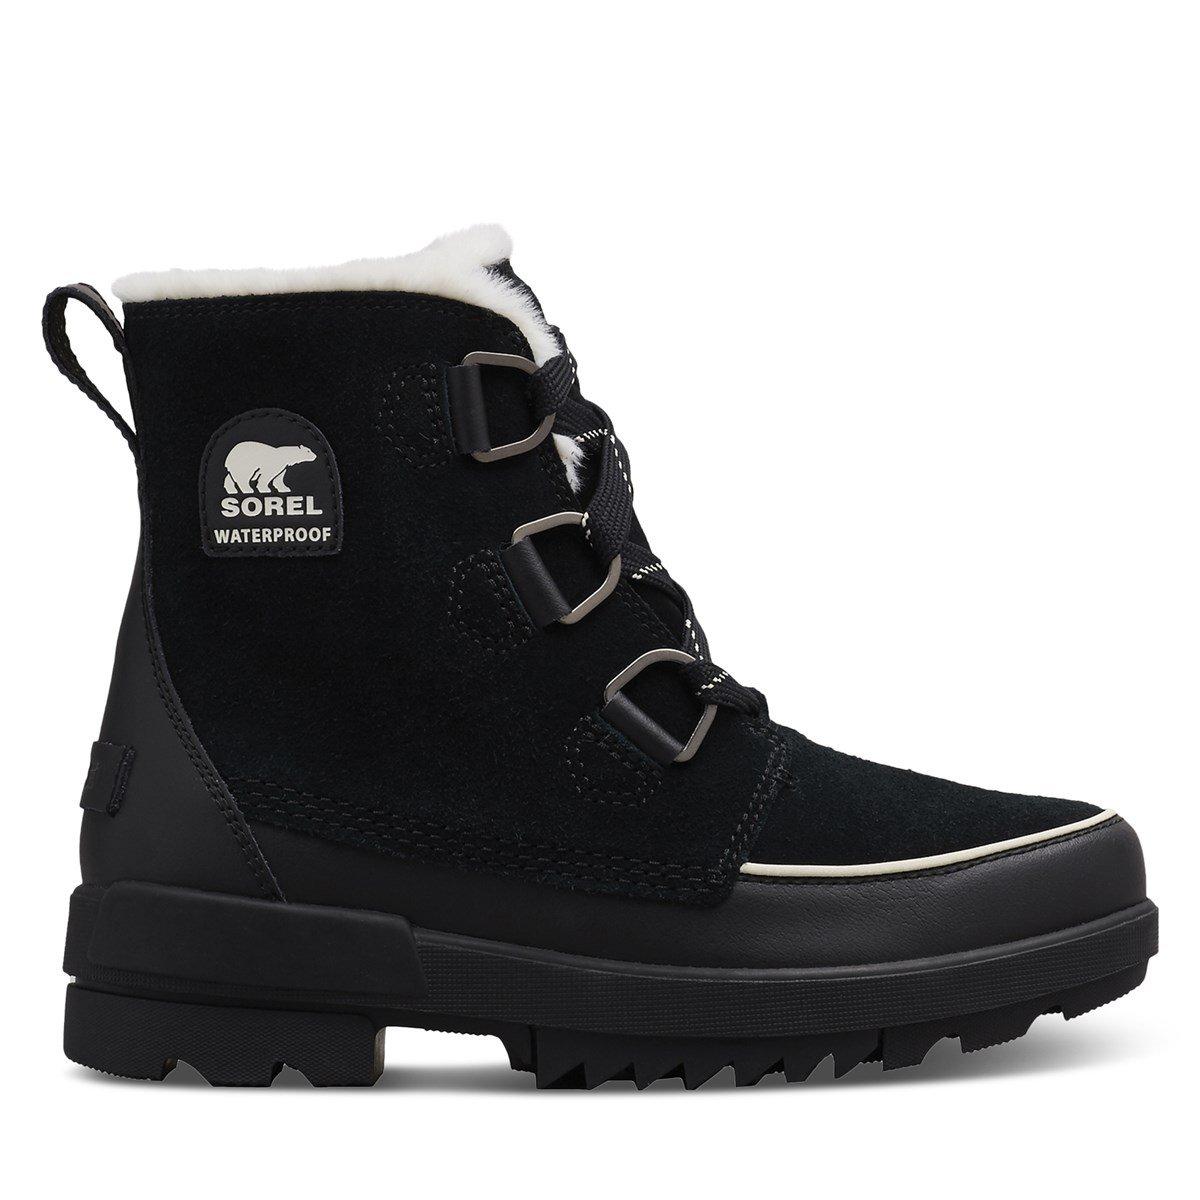 Women's Tivoli IV Waterproof Boots in Black